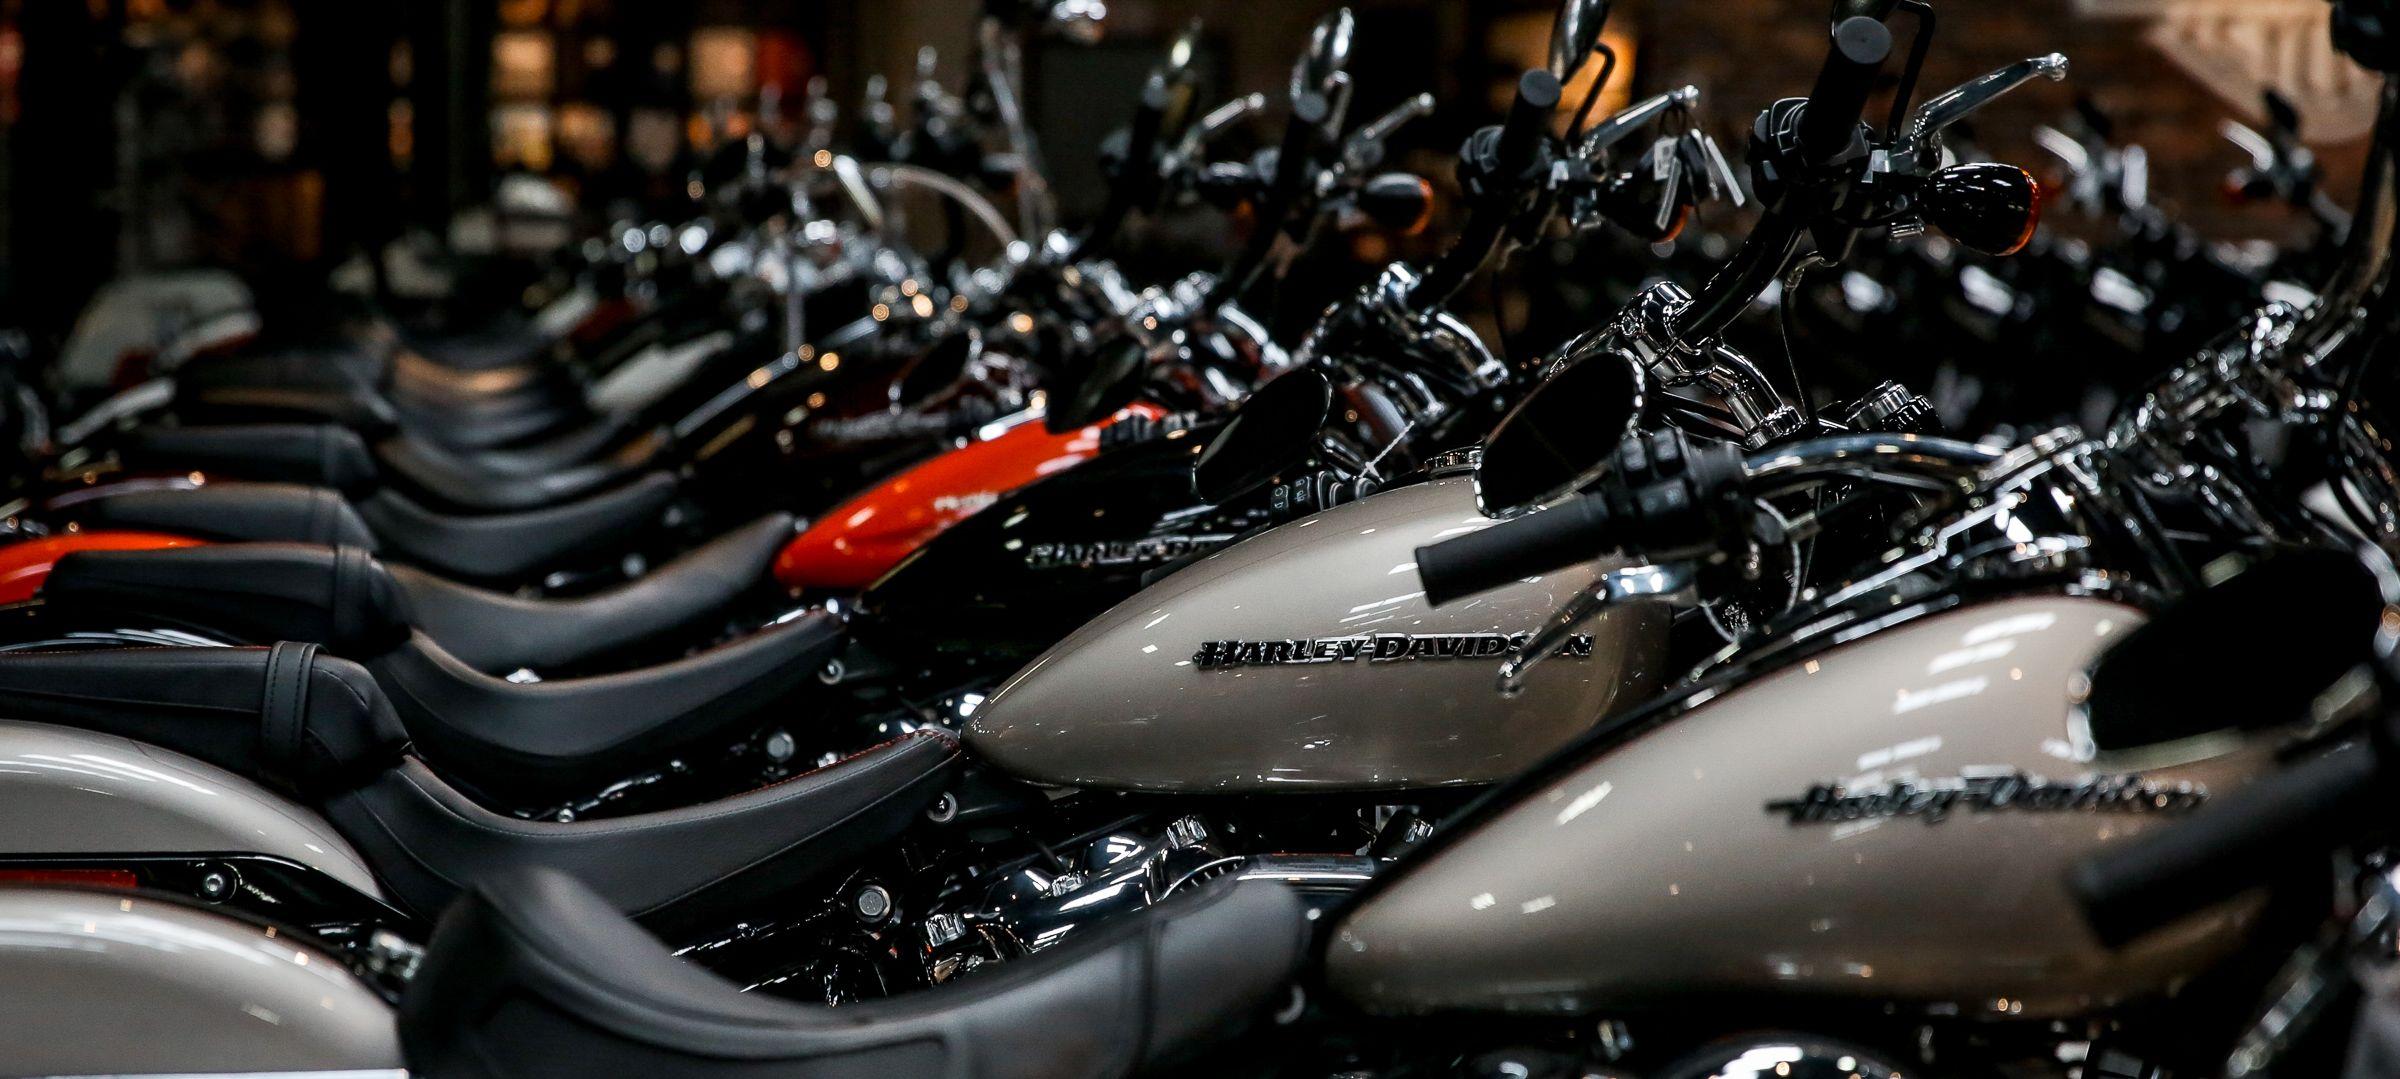 Sdccu Customer Service >> Ride a Harley®   San Diego Harley-Davidson®